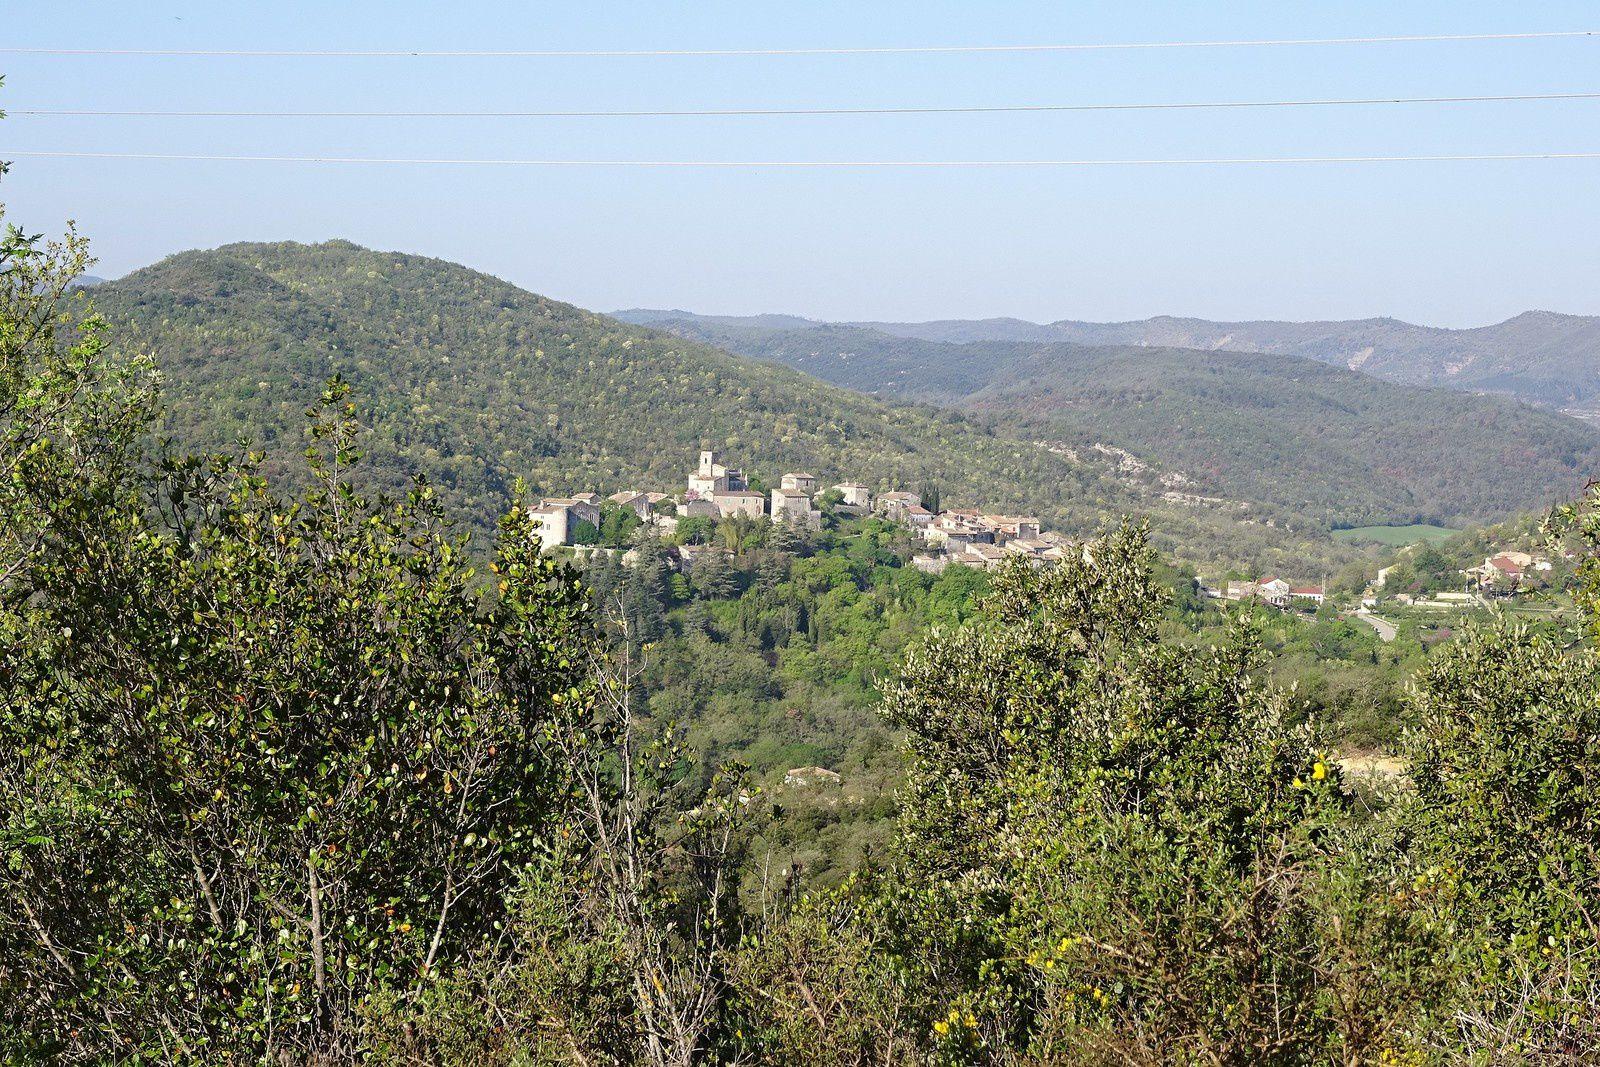 Le samedi nous sommes au Teil en Ardèche, la randonnée est organisée par le club local.